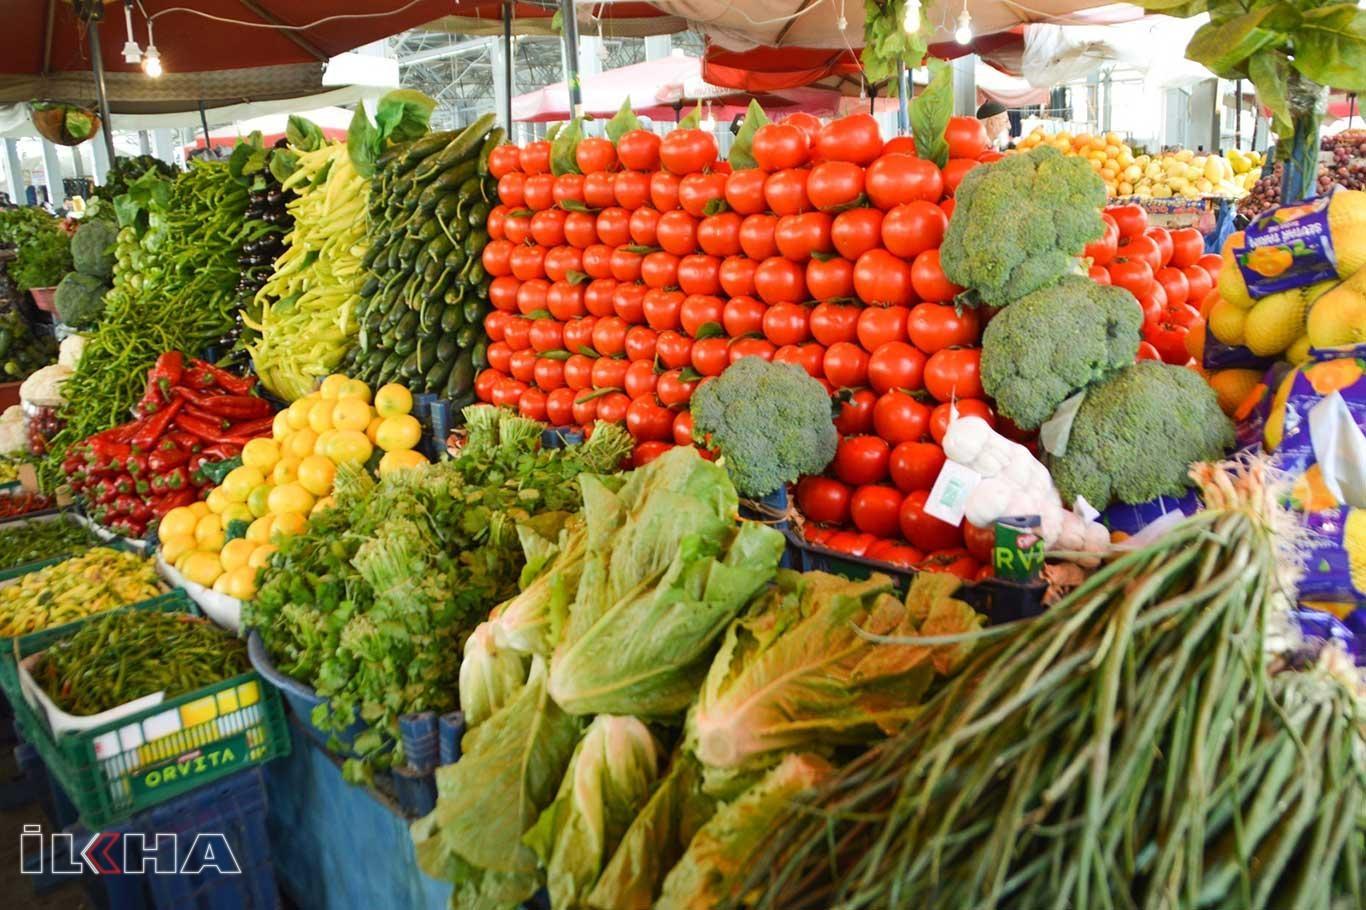 VİDEO HABER – Kış hazırlığı nedeniyle Ağrı'da pazarlar hareketli